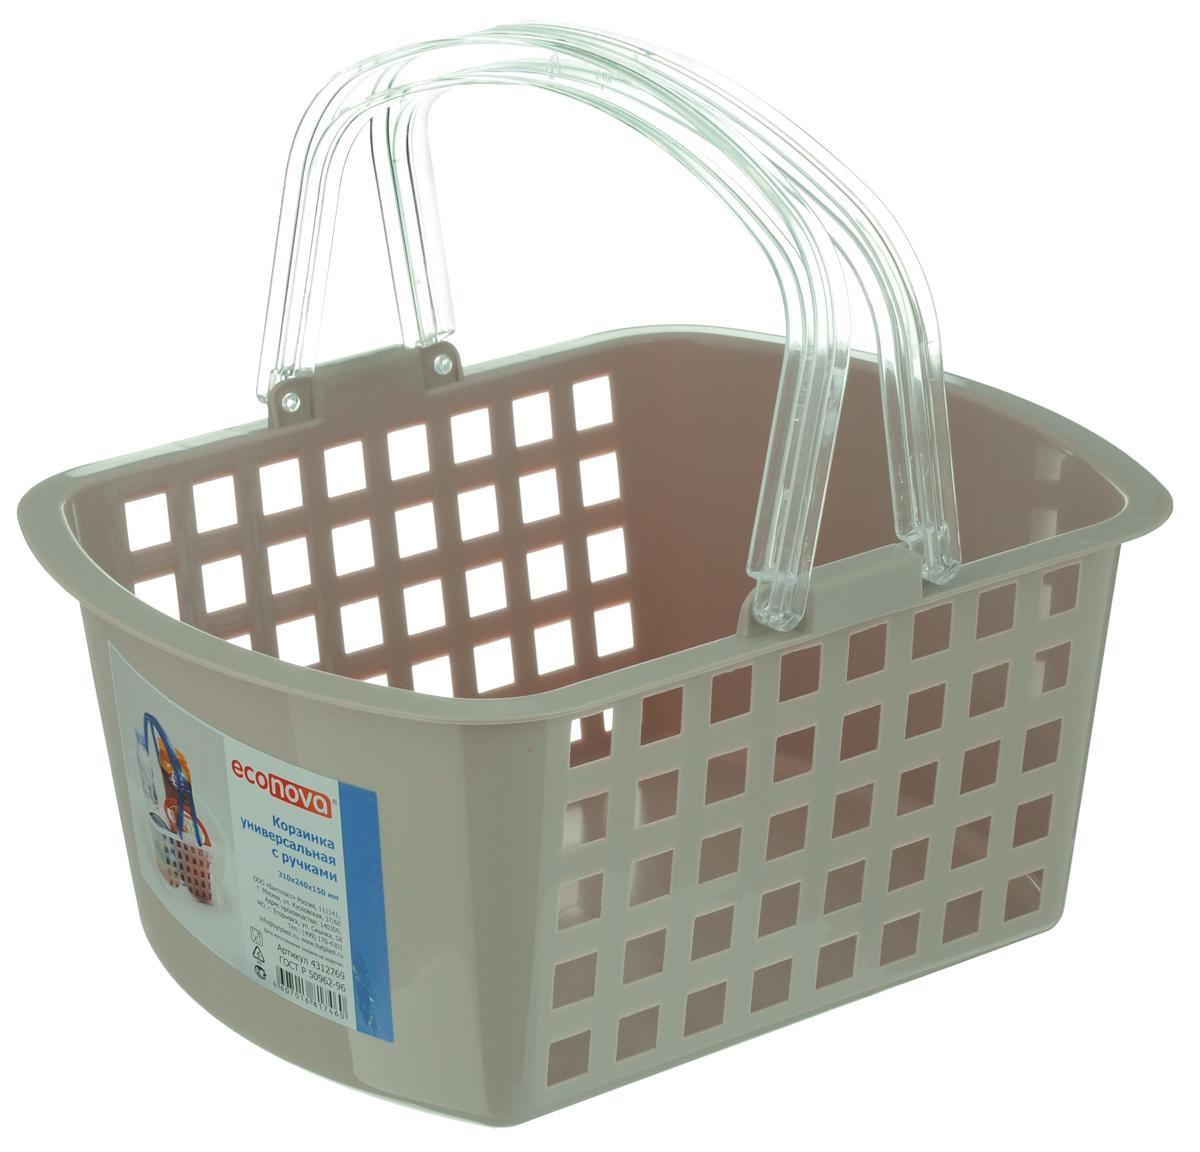 Корзинка универсальная Econova, цвет: светло-бежевый, прозрачный, 31 см х 24 см х 15 см193415_бежевыйУниверсальная корзина Econova, изготовленная из высококачественного прочного пластика, предназначена для хранения мелочей в ванной, на кухне, даче или гараже. Изделие оснащено двумя удобными складными ручками.Это легкая корзина со сплошным дном, жесткой кромкой и небольшими отверстиями позволяет хранить мелкие вещи, исключая возможность их потери.